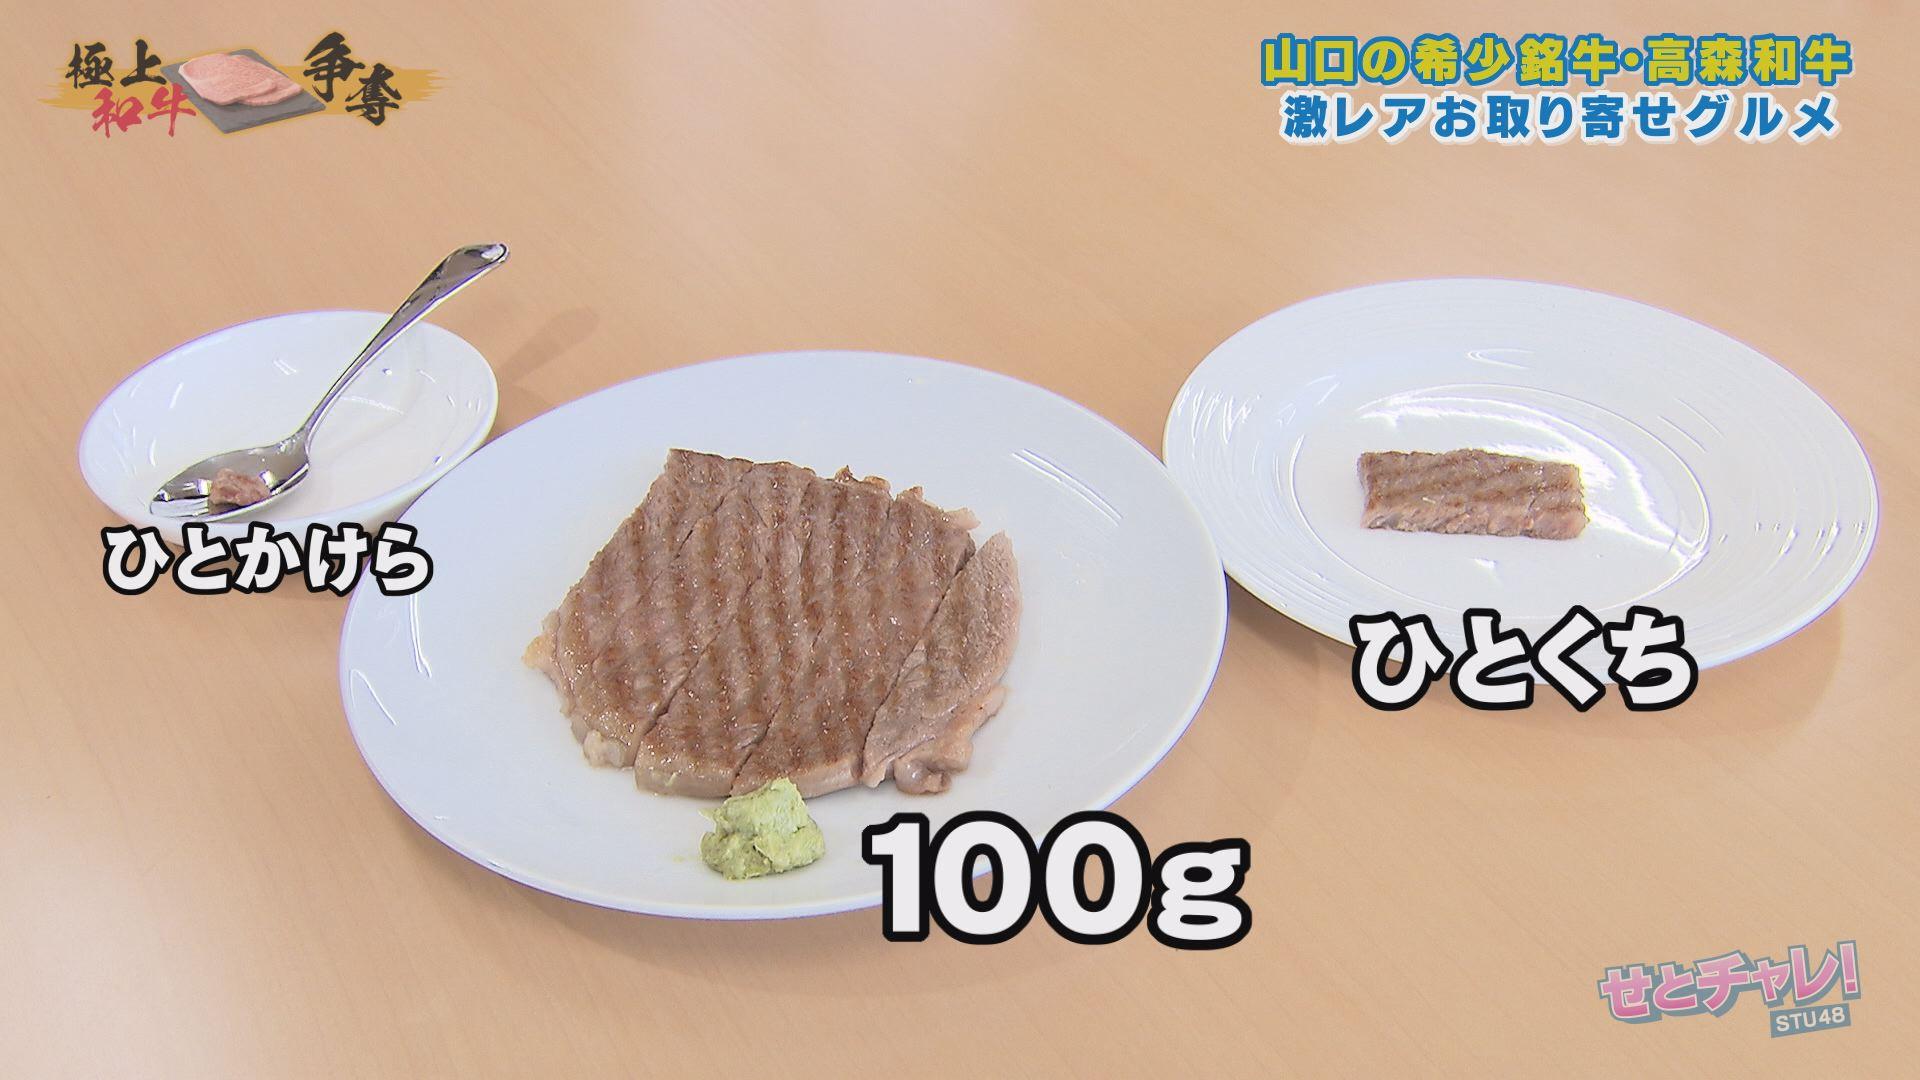 順位によって食べられる高森和牛の量